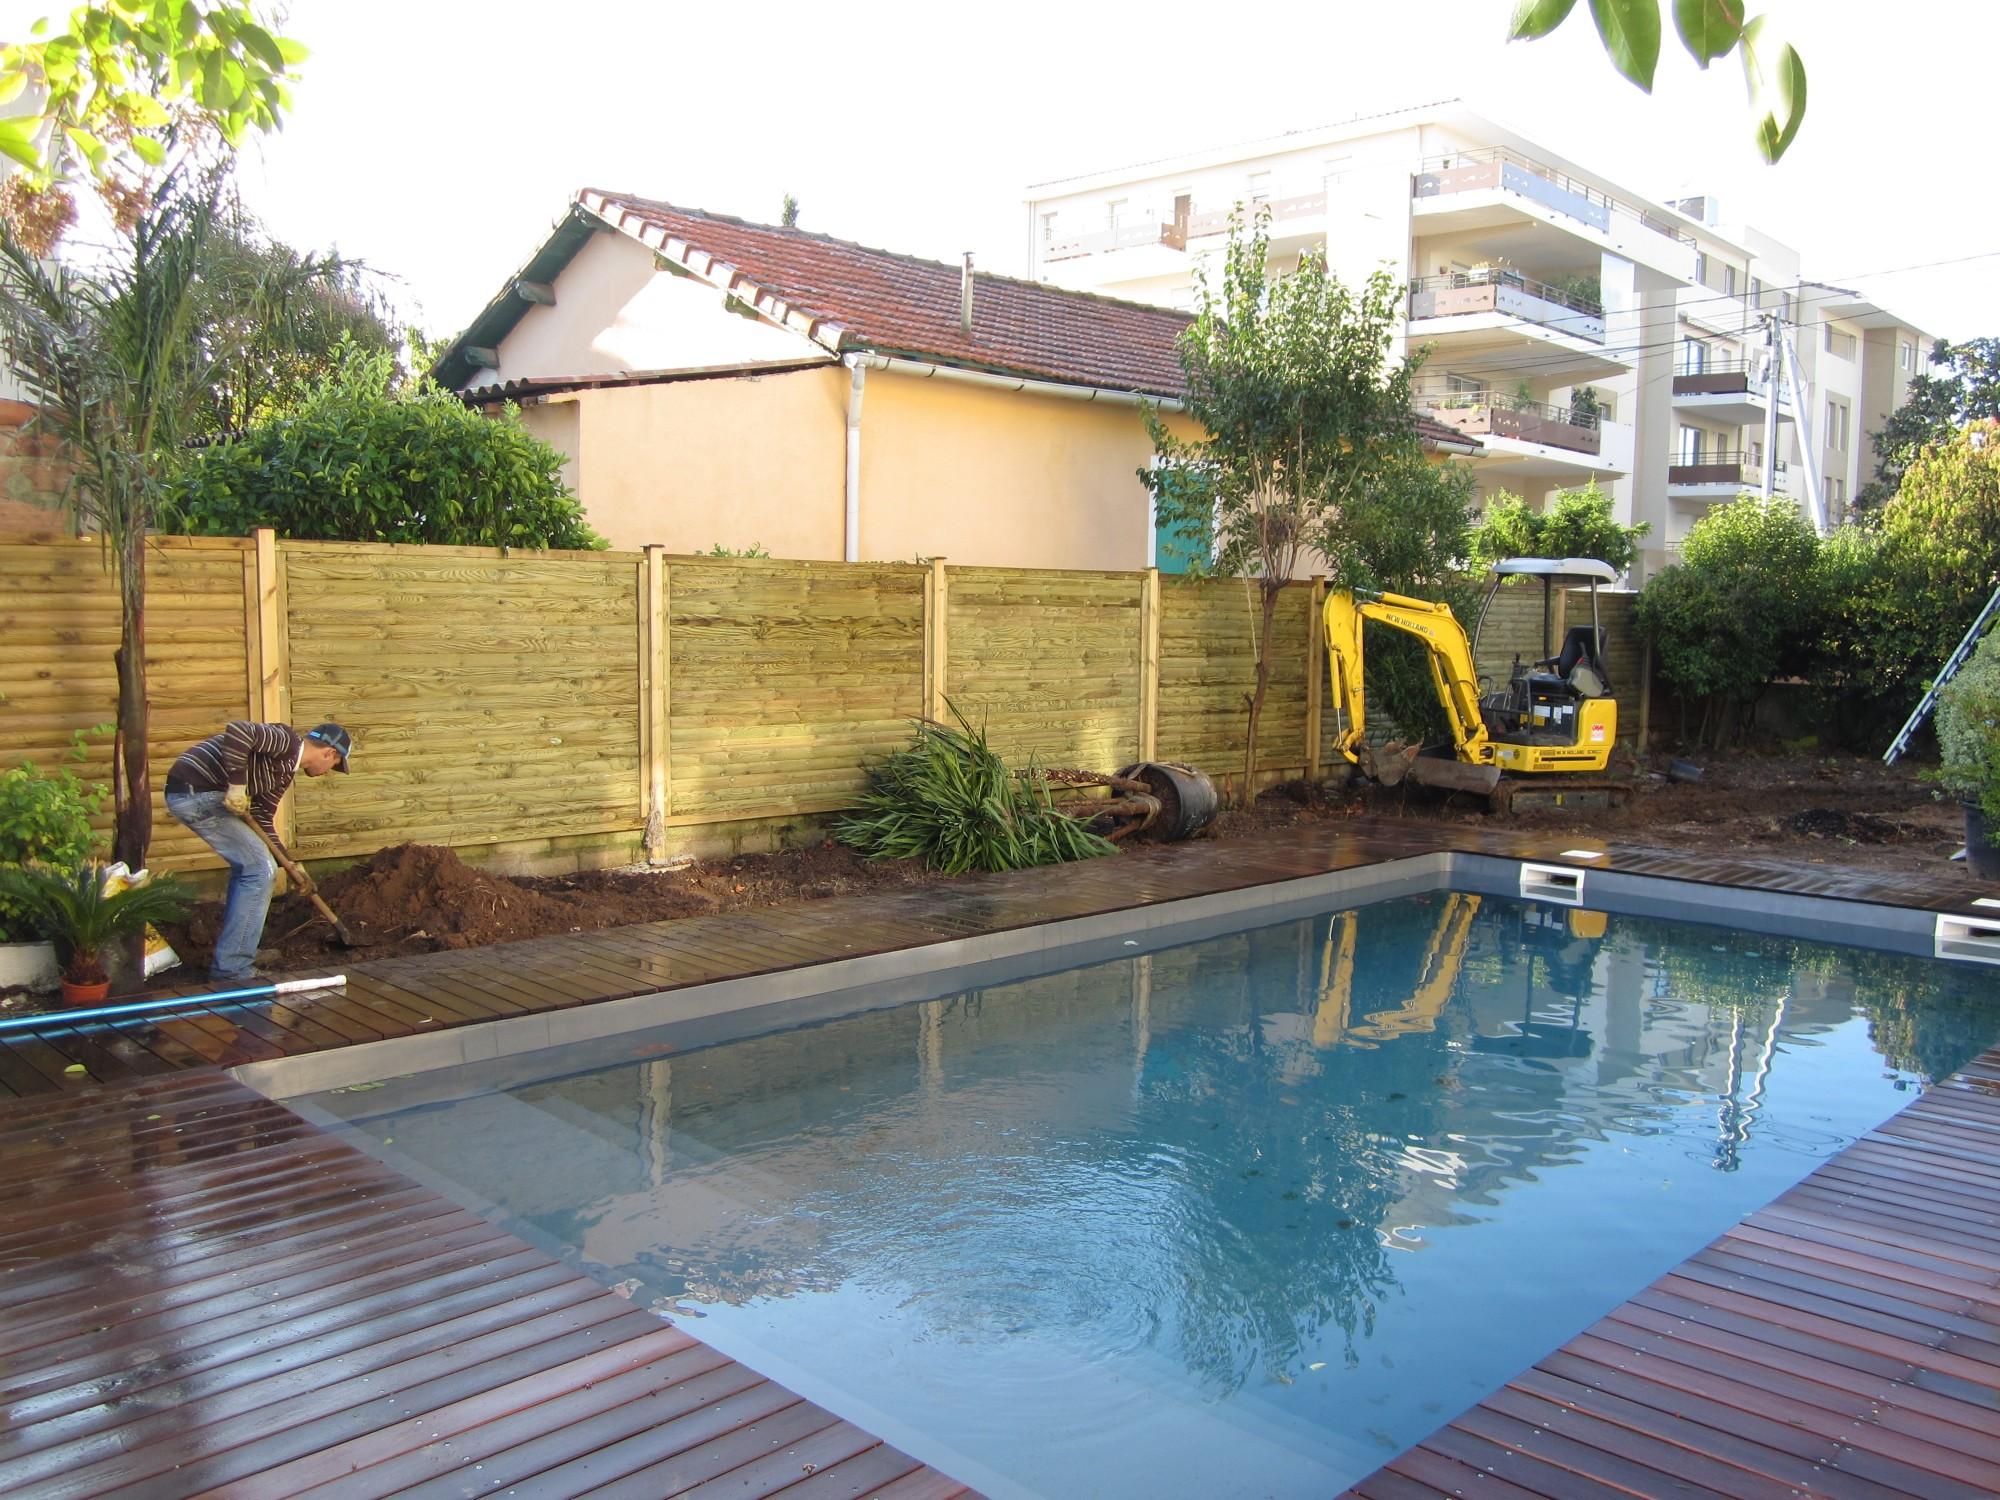 Cr ation d 39 un espace paysager en bord de piscine vert tige - Taxe d amenagement piscine ...